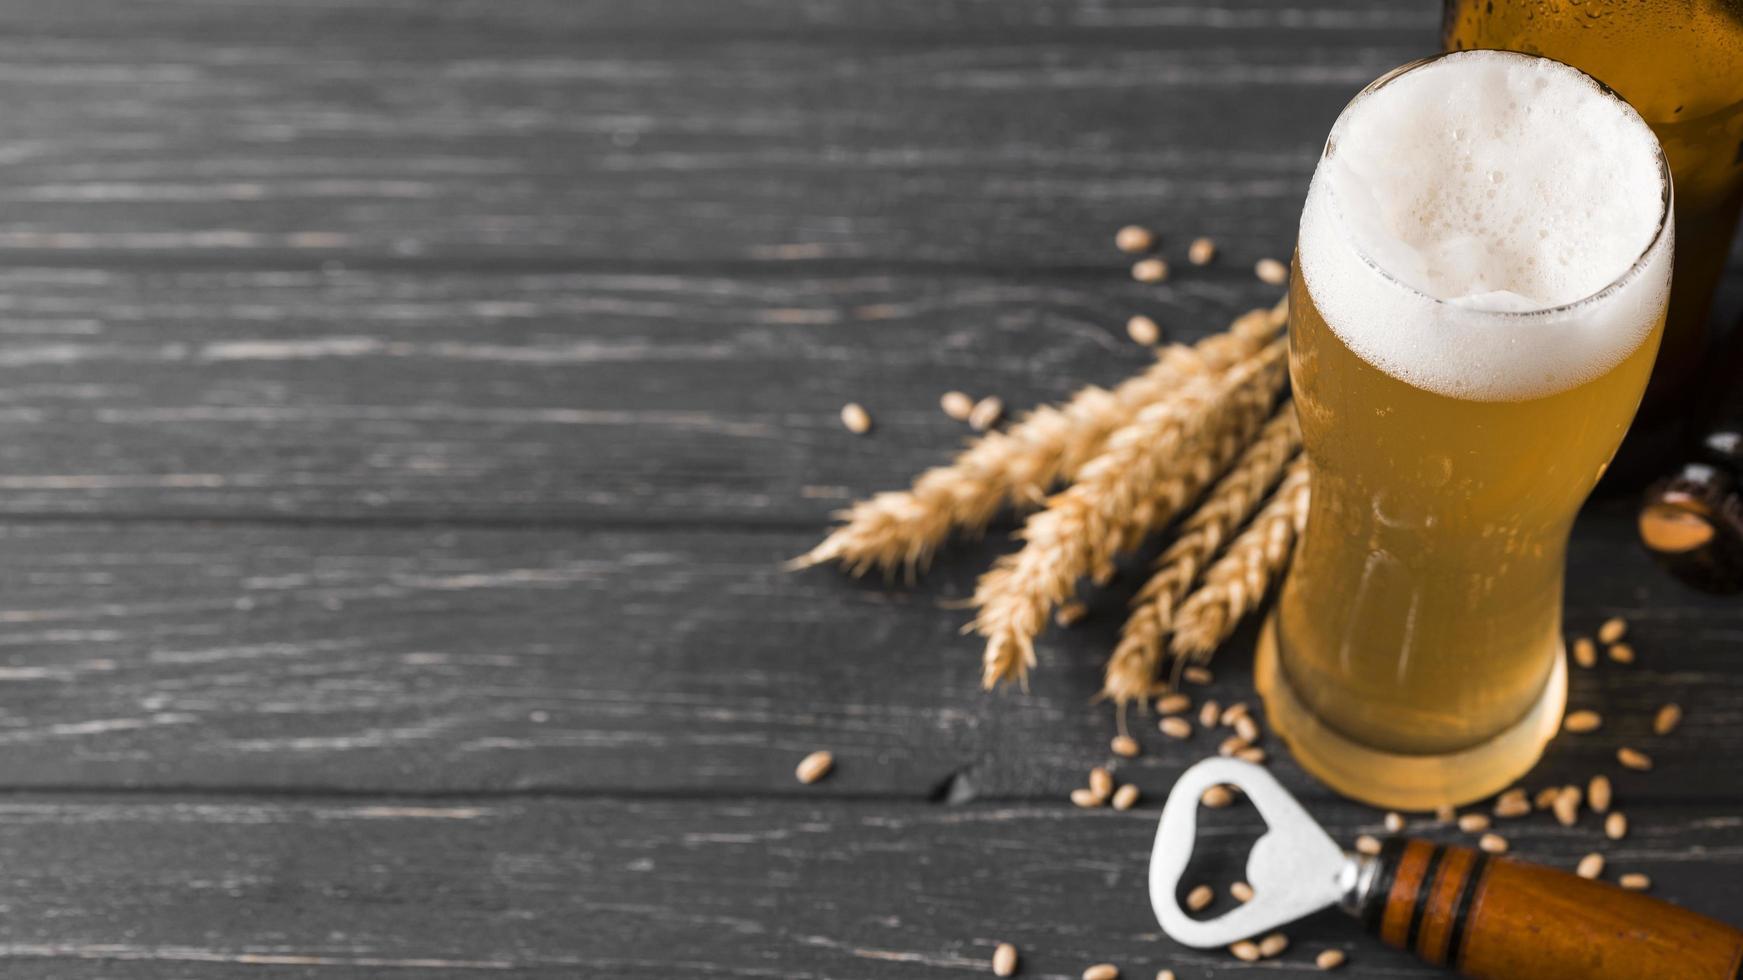 cerveja e trigo na madeira foto